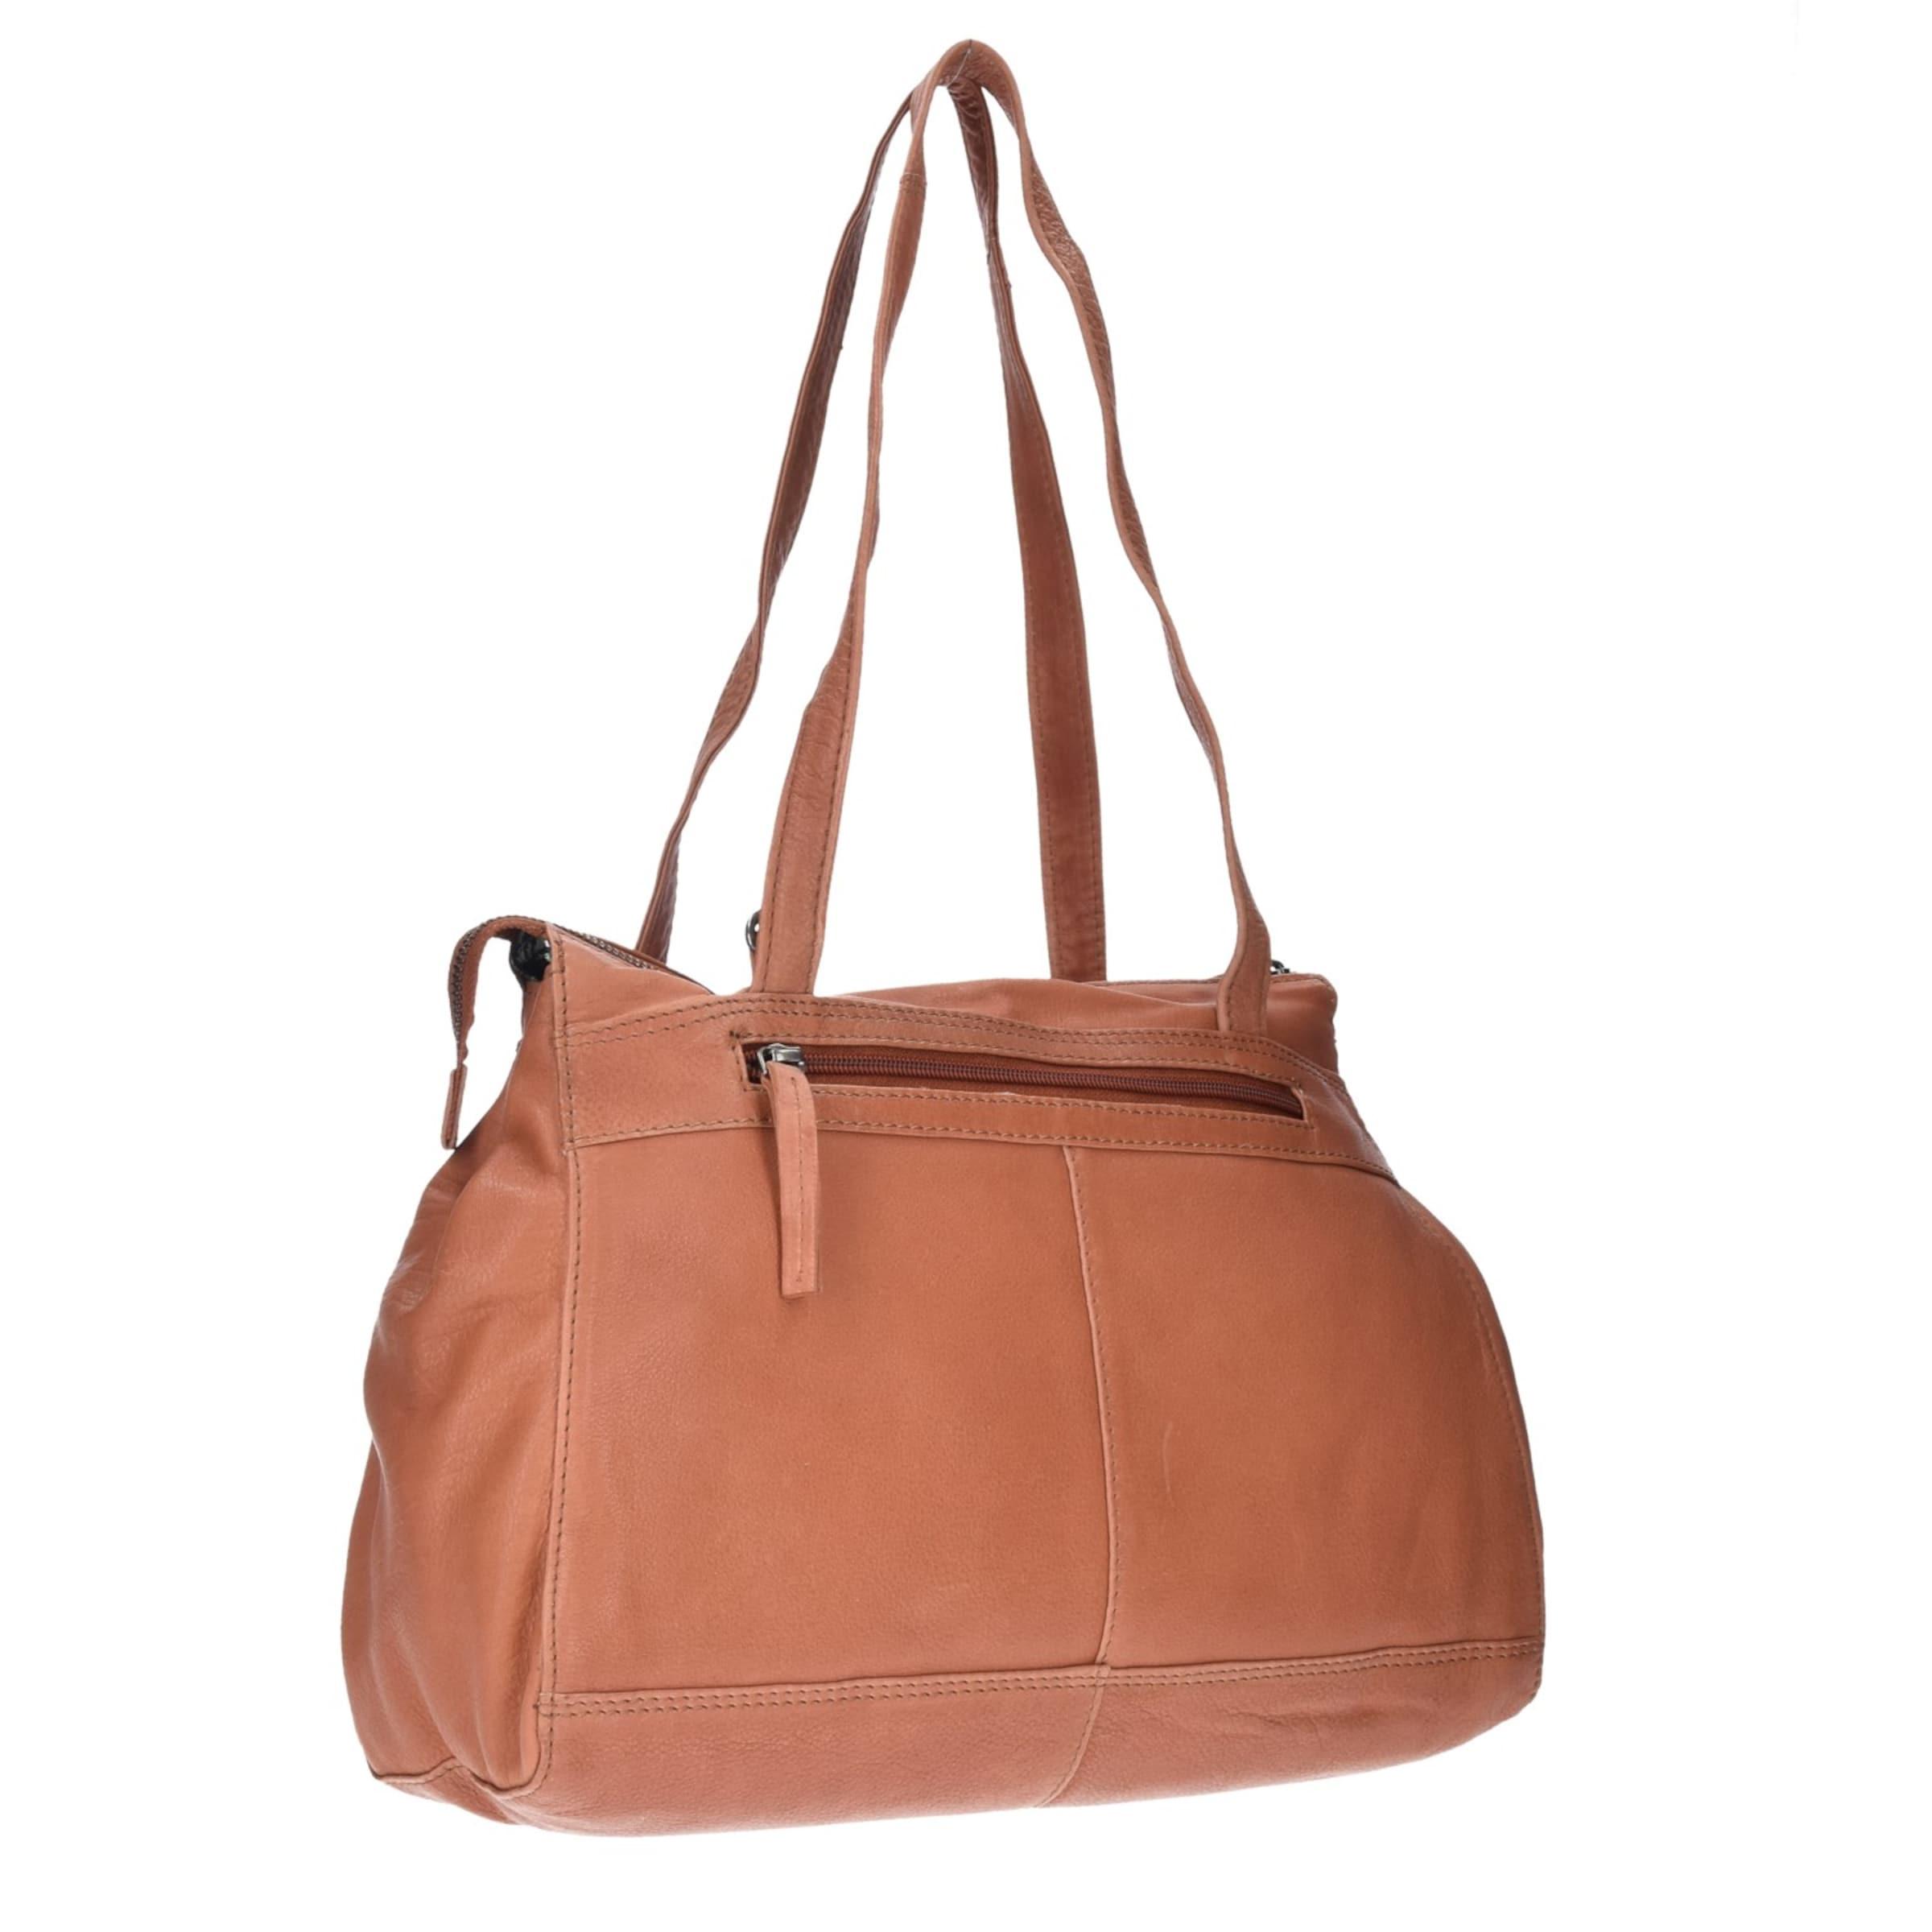 Viele Arten Von Online Spikes & Sparrow Idaho Handtasche Leder 36 cm Billigshop Z2p7r